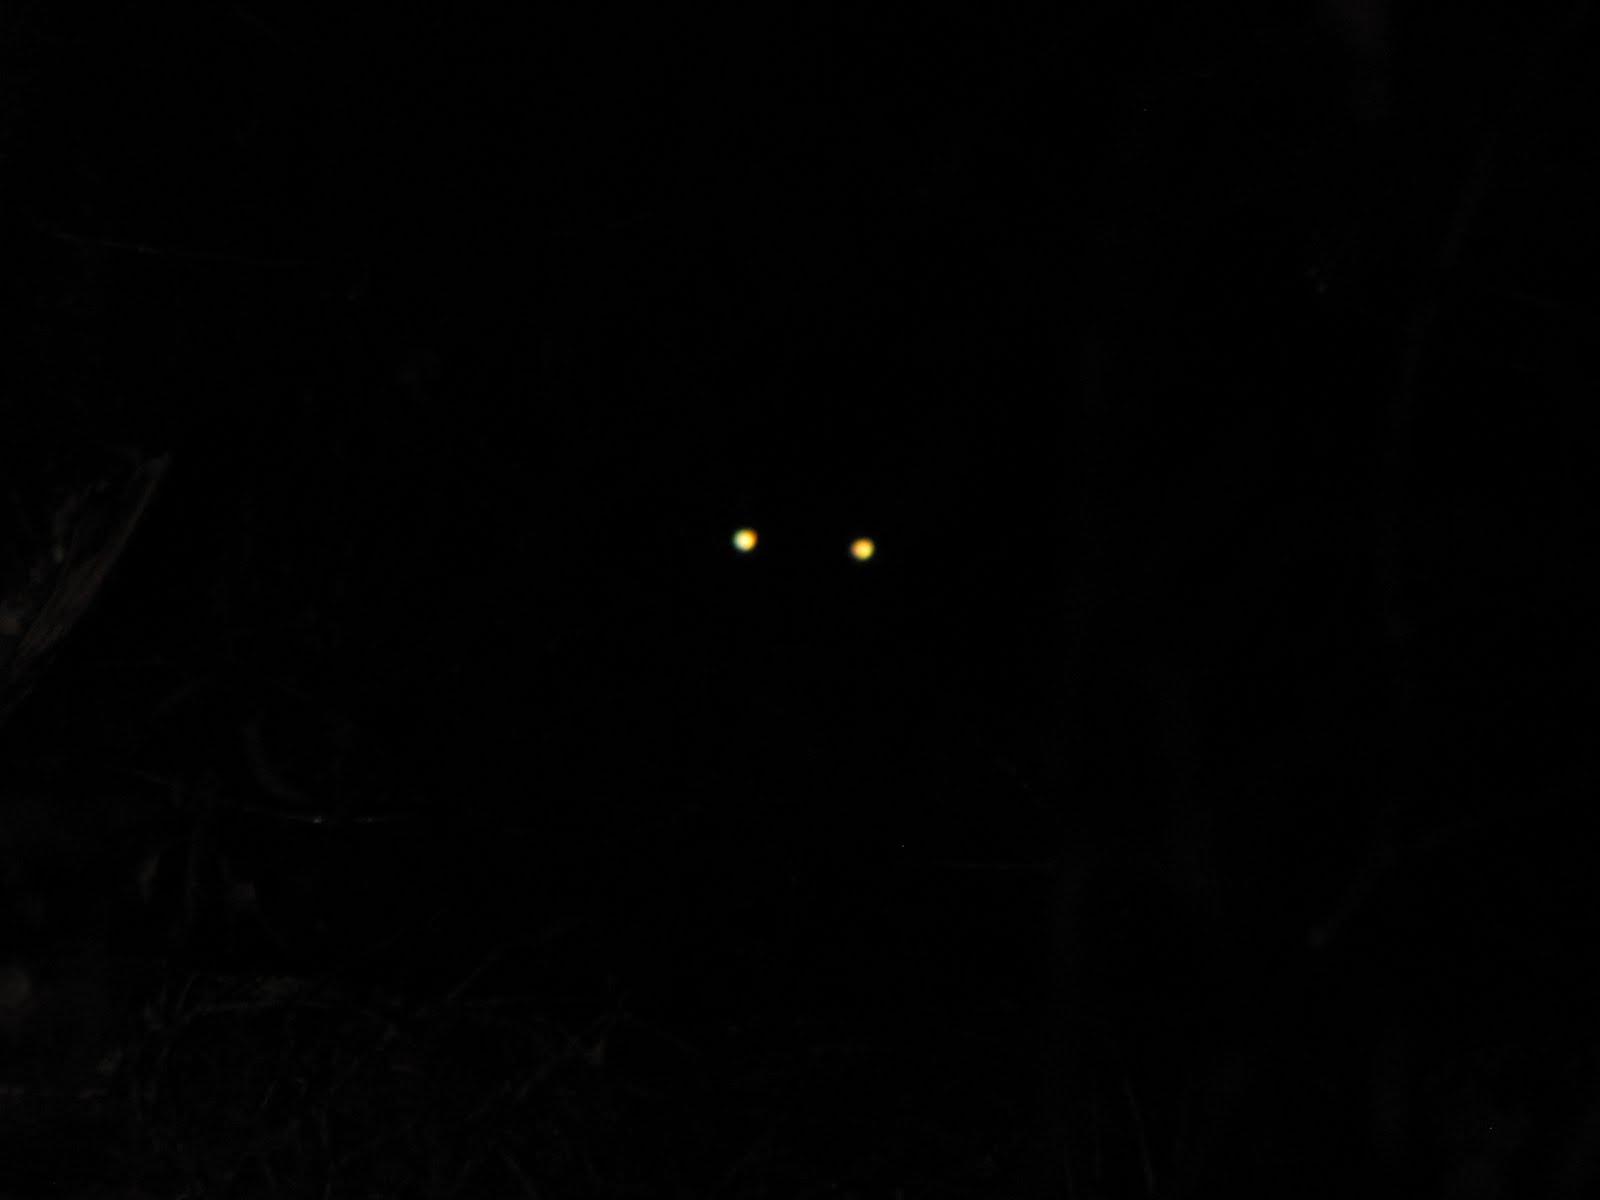 Bear eyes at night - photo#27